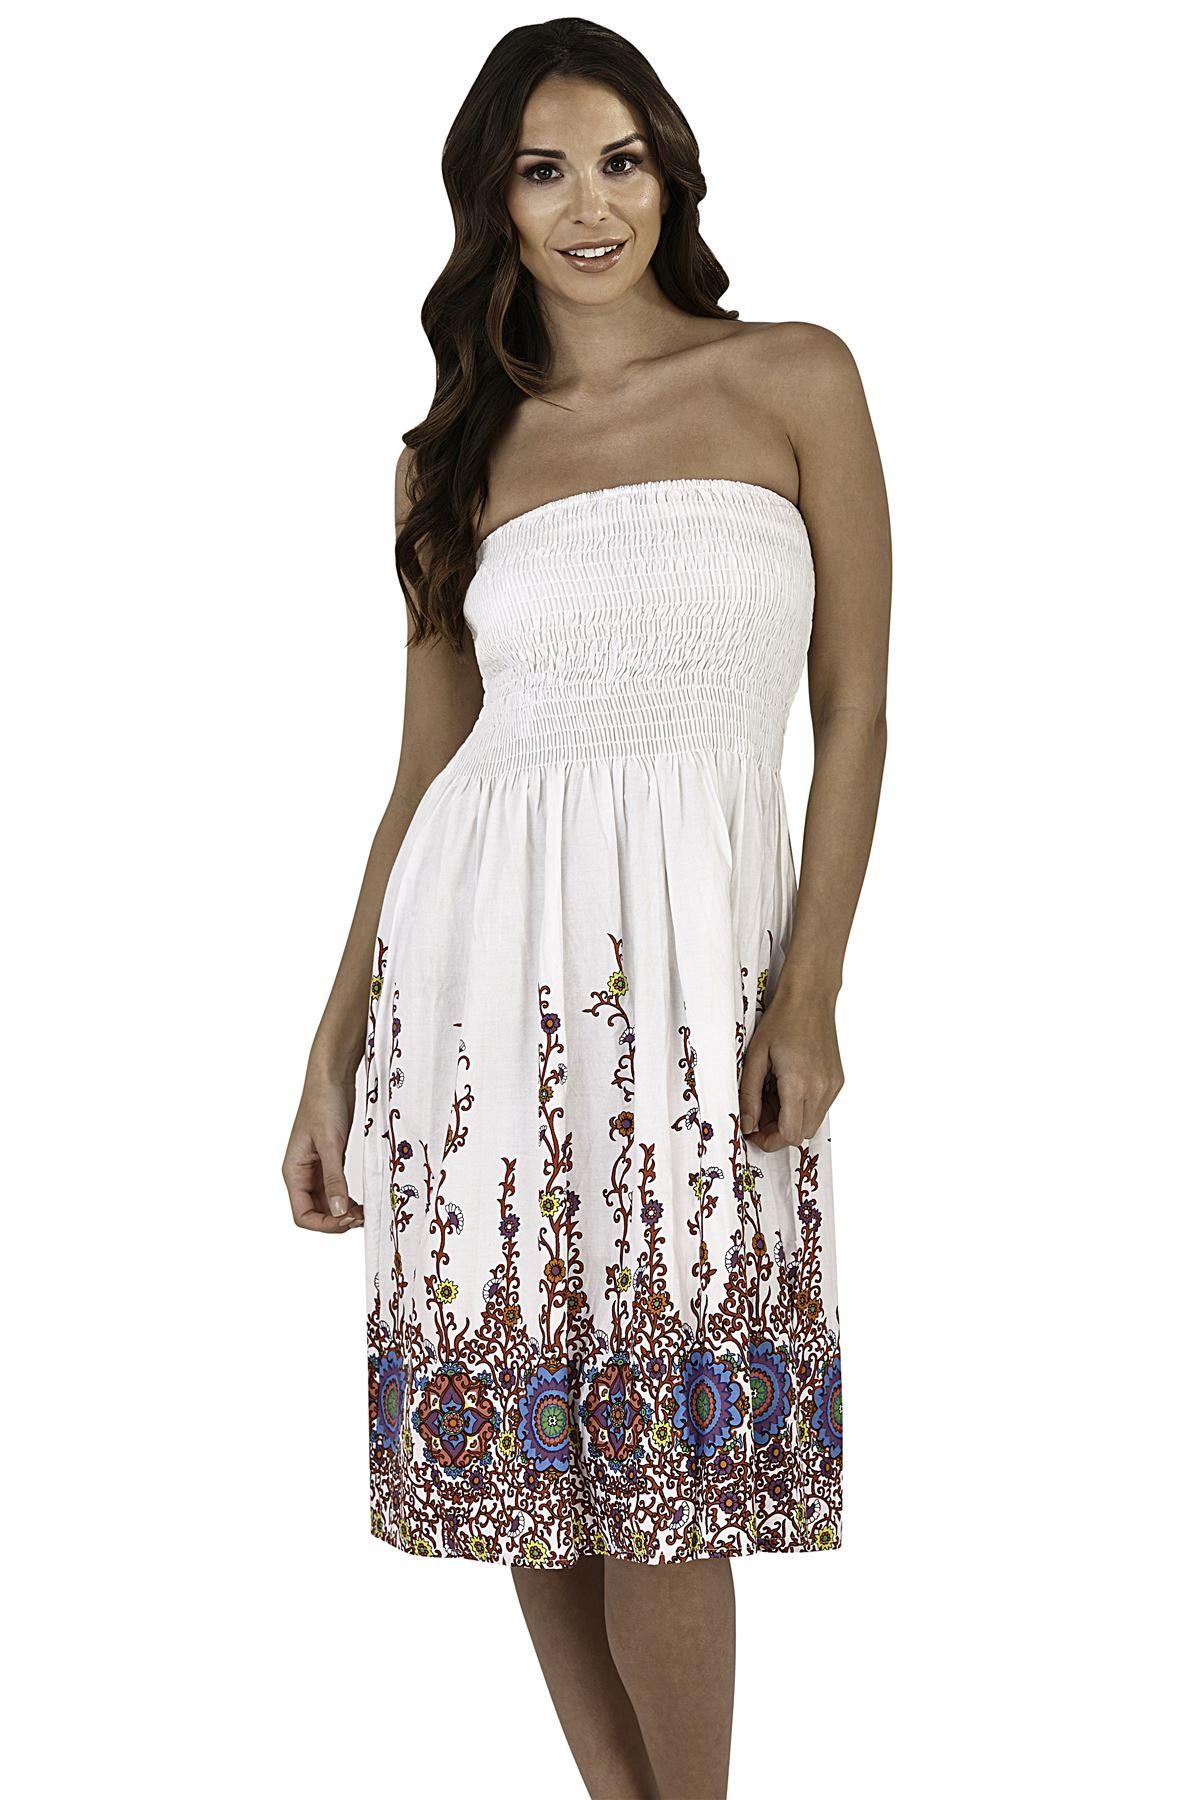 Ladies Pistachio Cotton 3 Way Halter//Bandeau//Skirt Summer Dresses